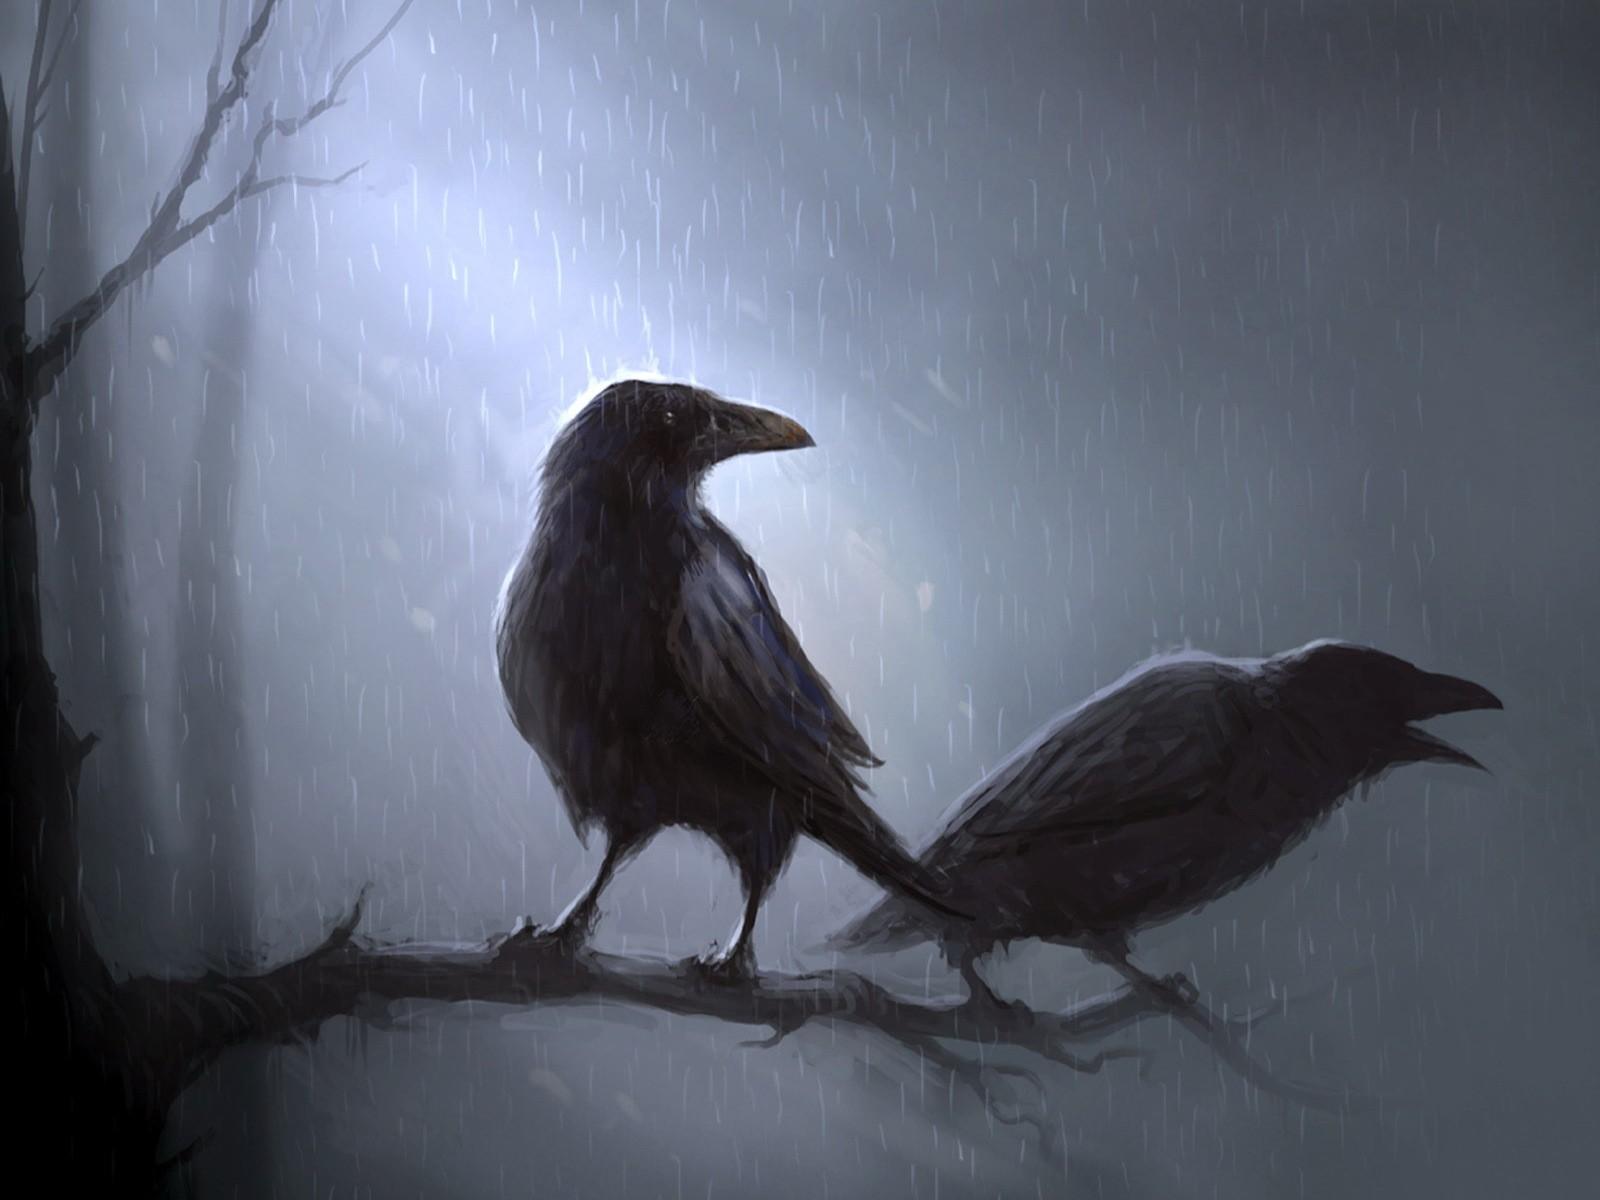 праздник, который картинки загадочных птиц представляет собой